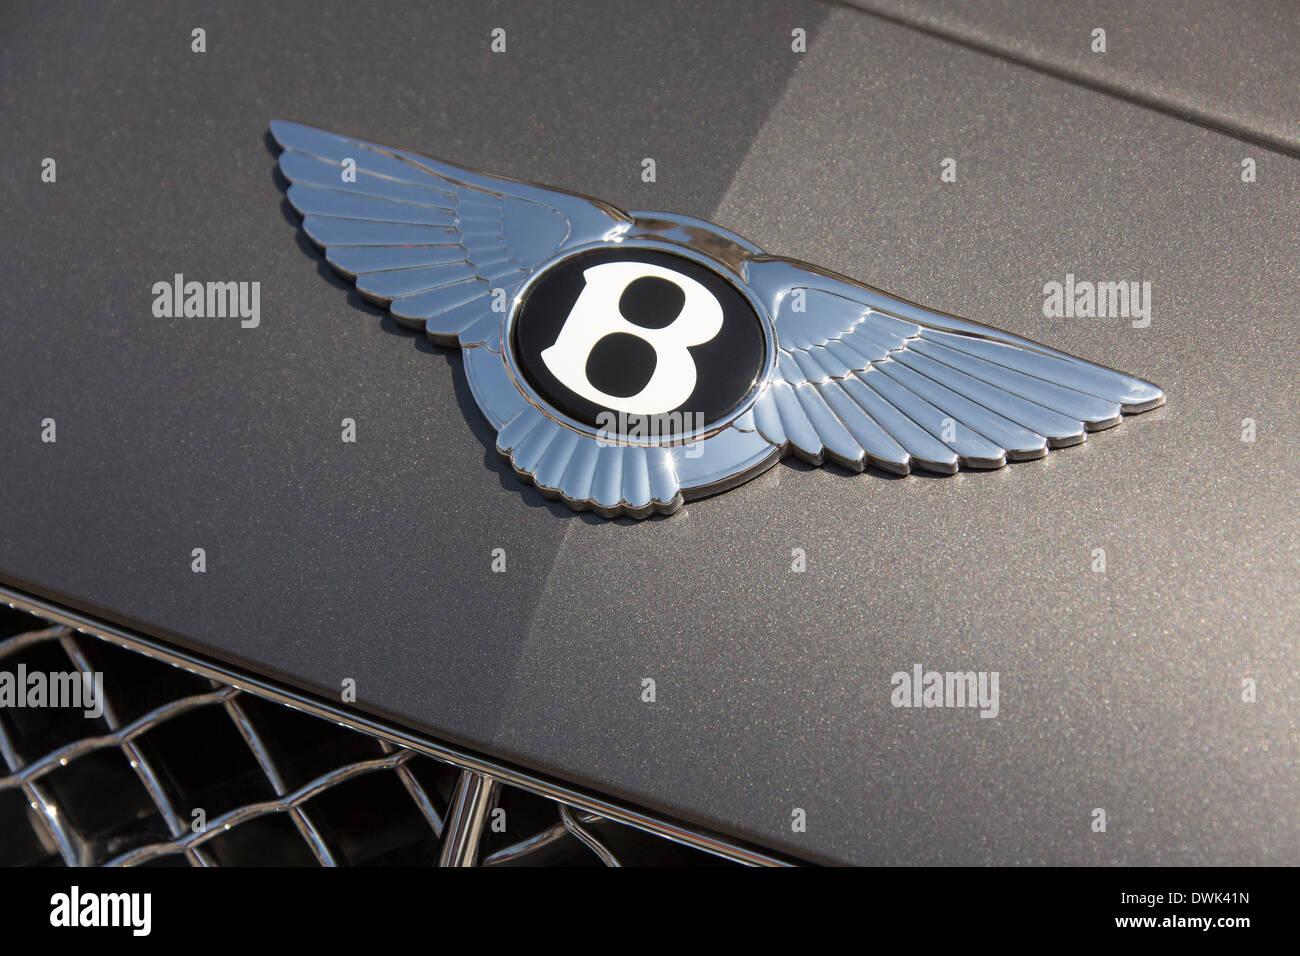 Abzeichen Sie auf einen Bentley Continental executive Auto Stockbild